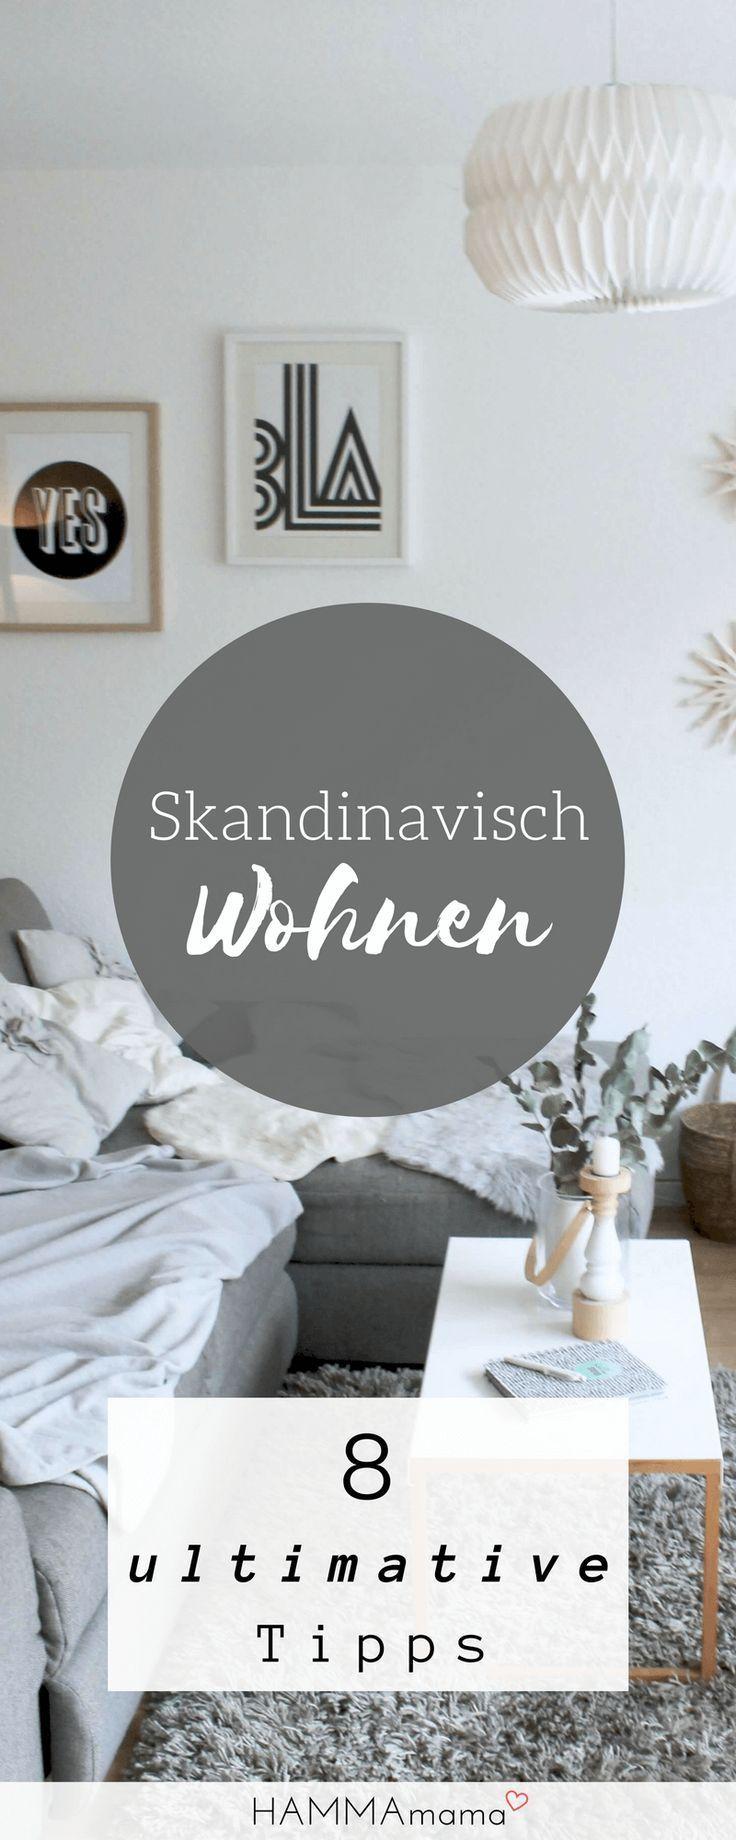 Esszimmer design bd skandinavischer wohnstil und andere dinge die während der ferien in